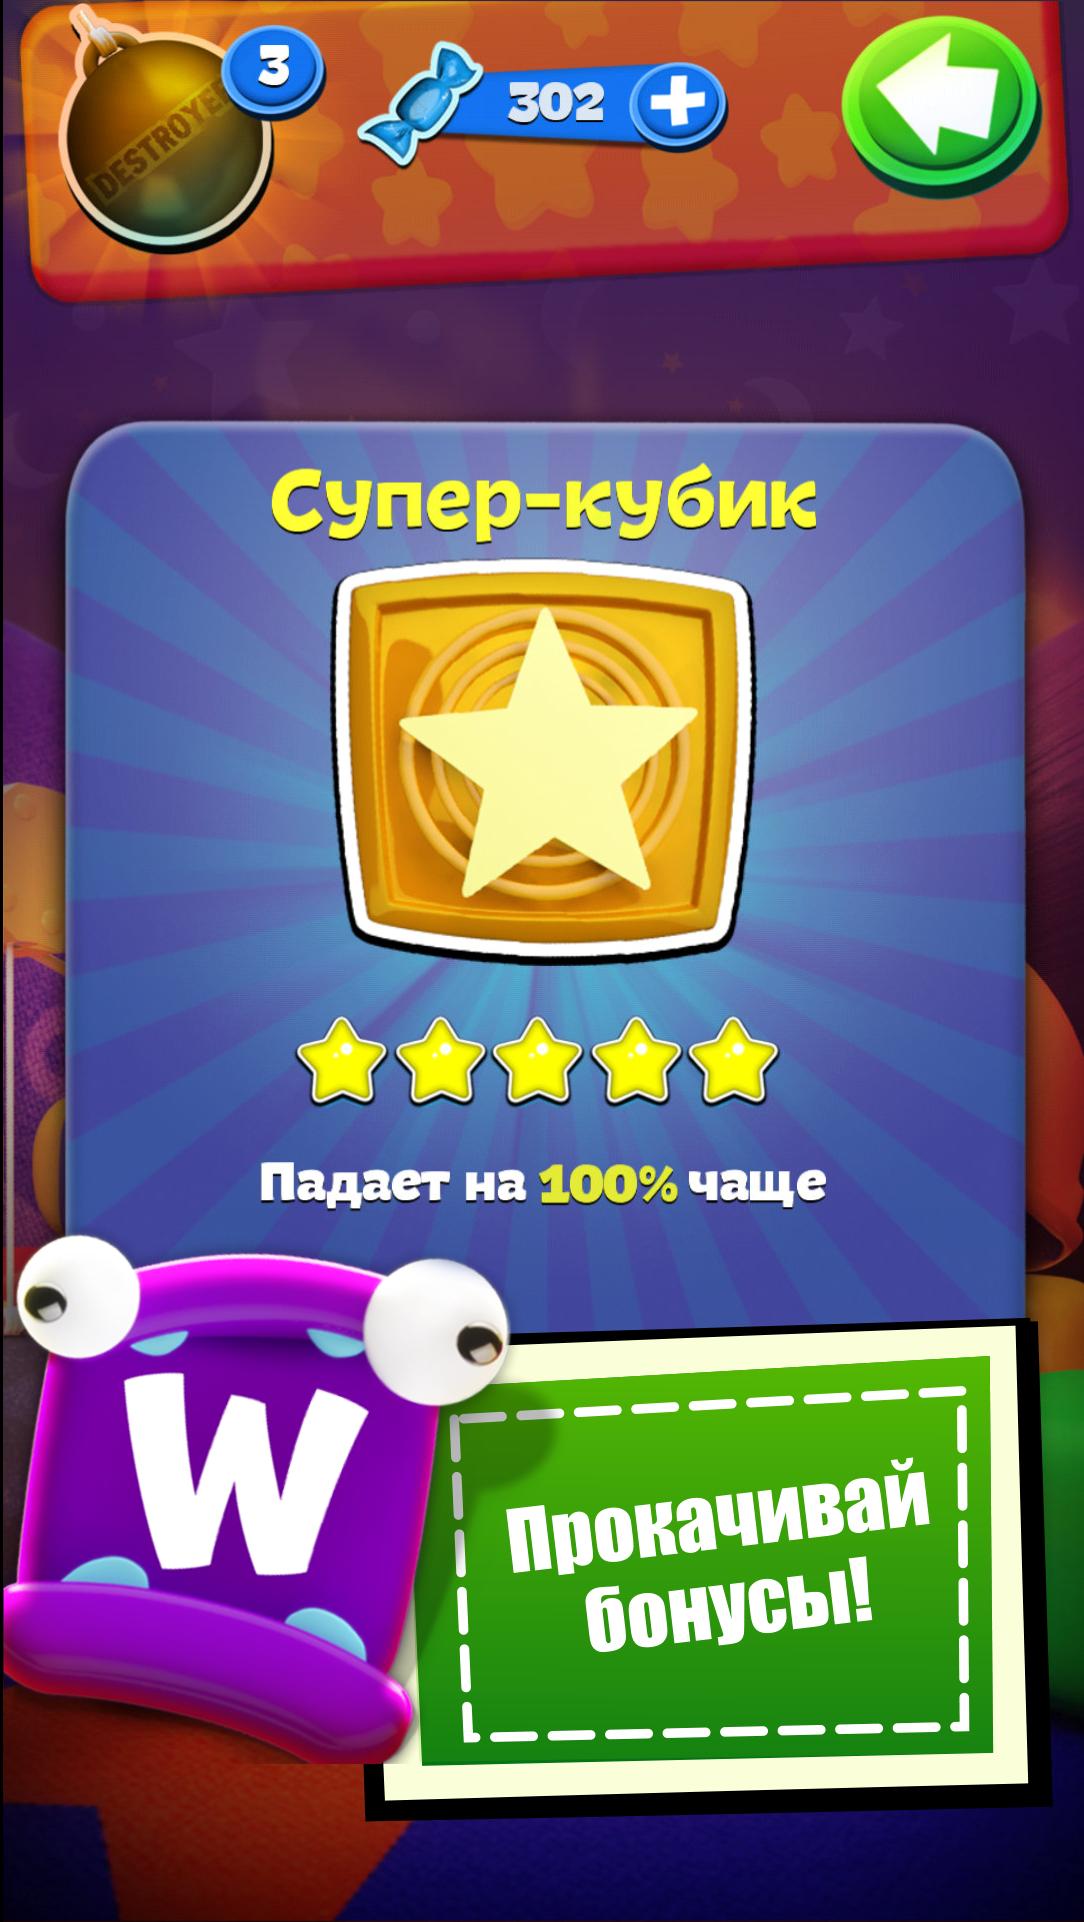 toywords_скриншот_супер_кубик_прокачай_бонусы_башня_tower